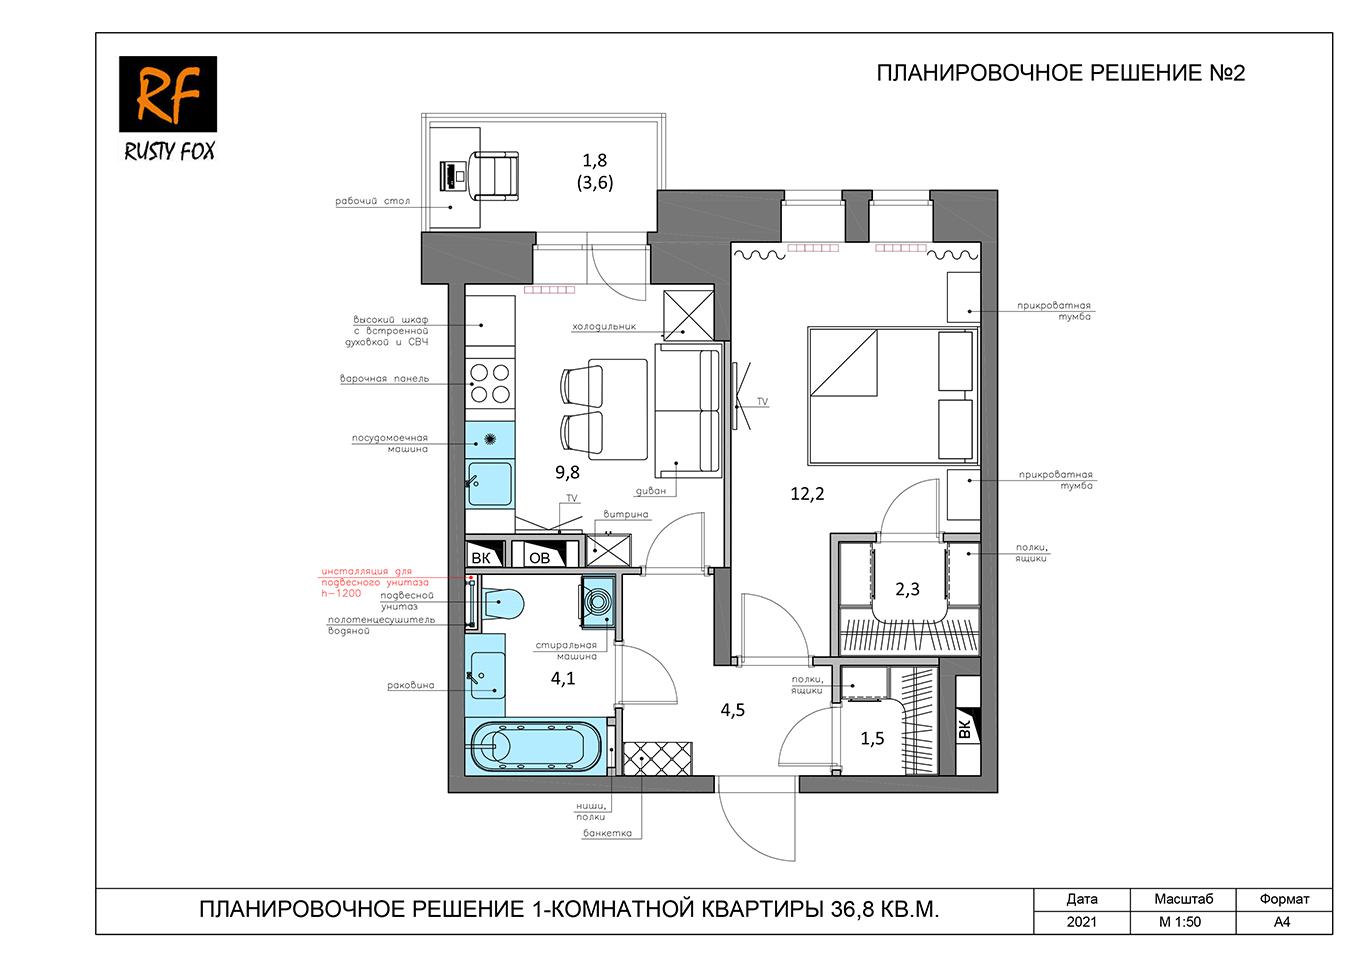 ЖК Люберцы корпус 52, секция 1. Планировочное решение №2 1-комнатная квартира правая 36,8 кв.м.